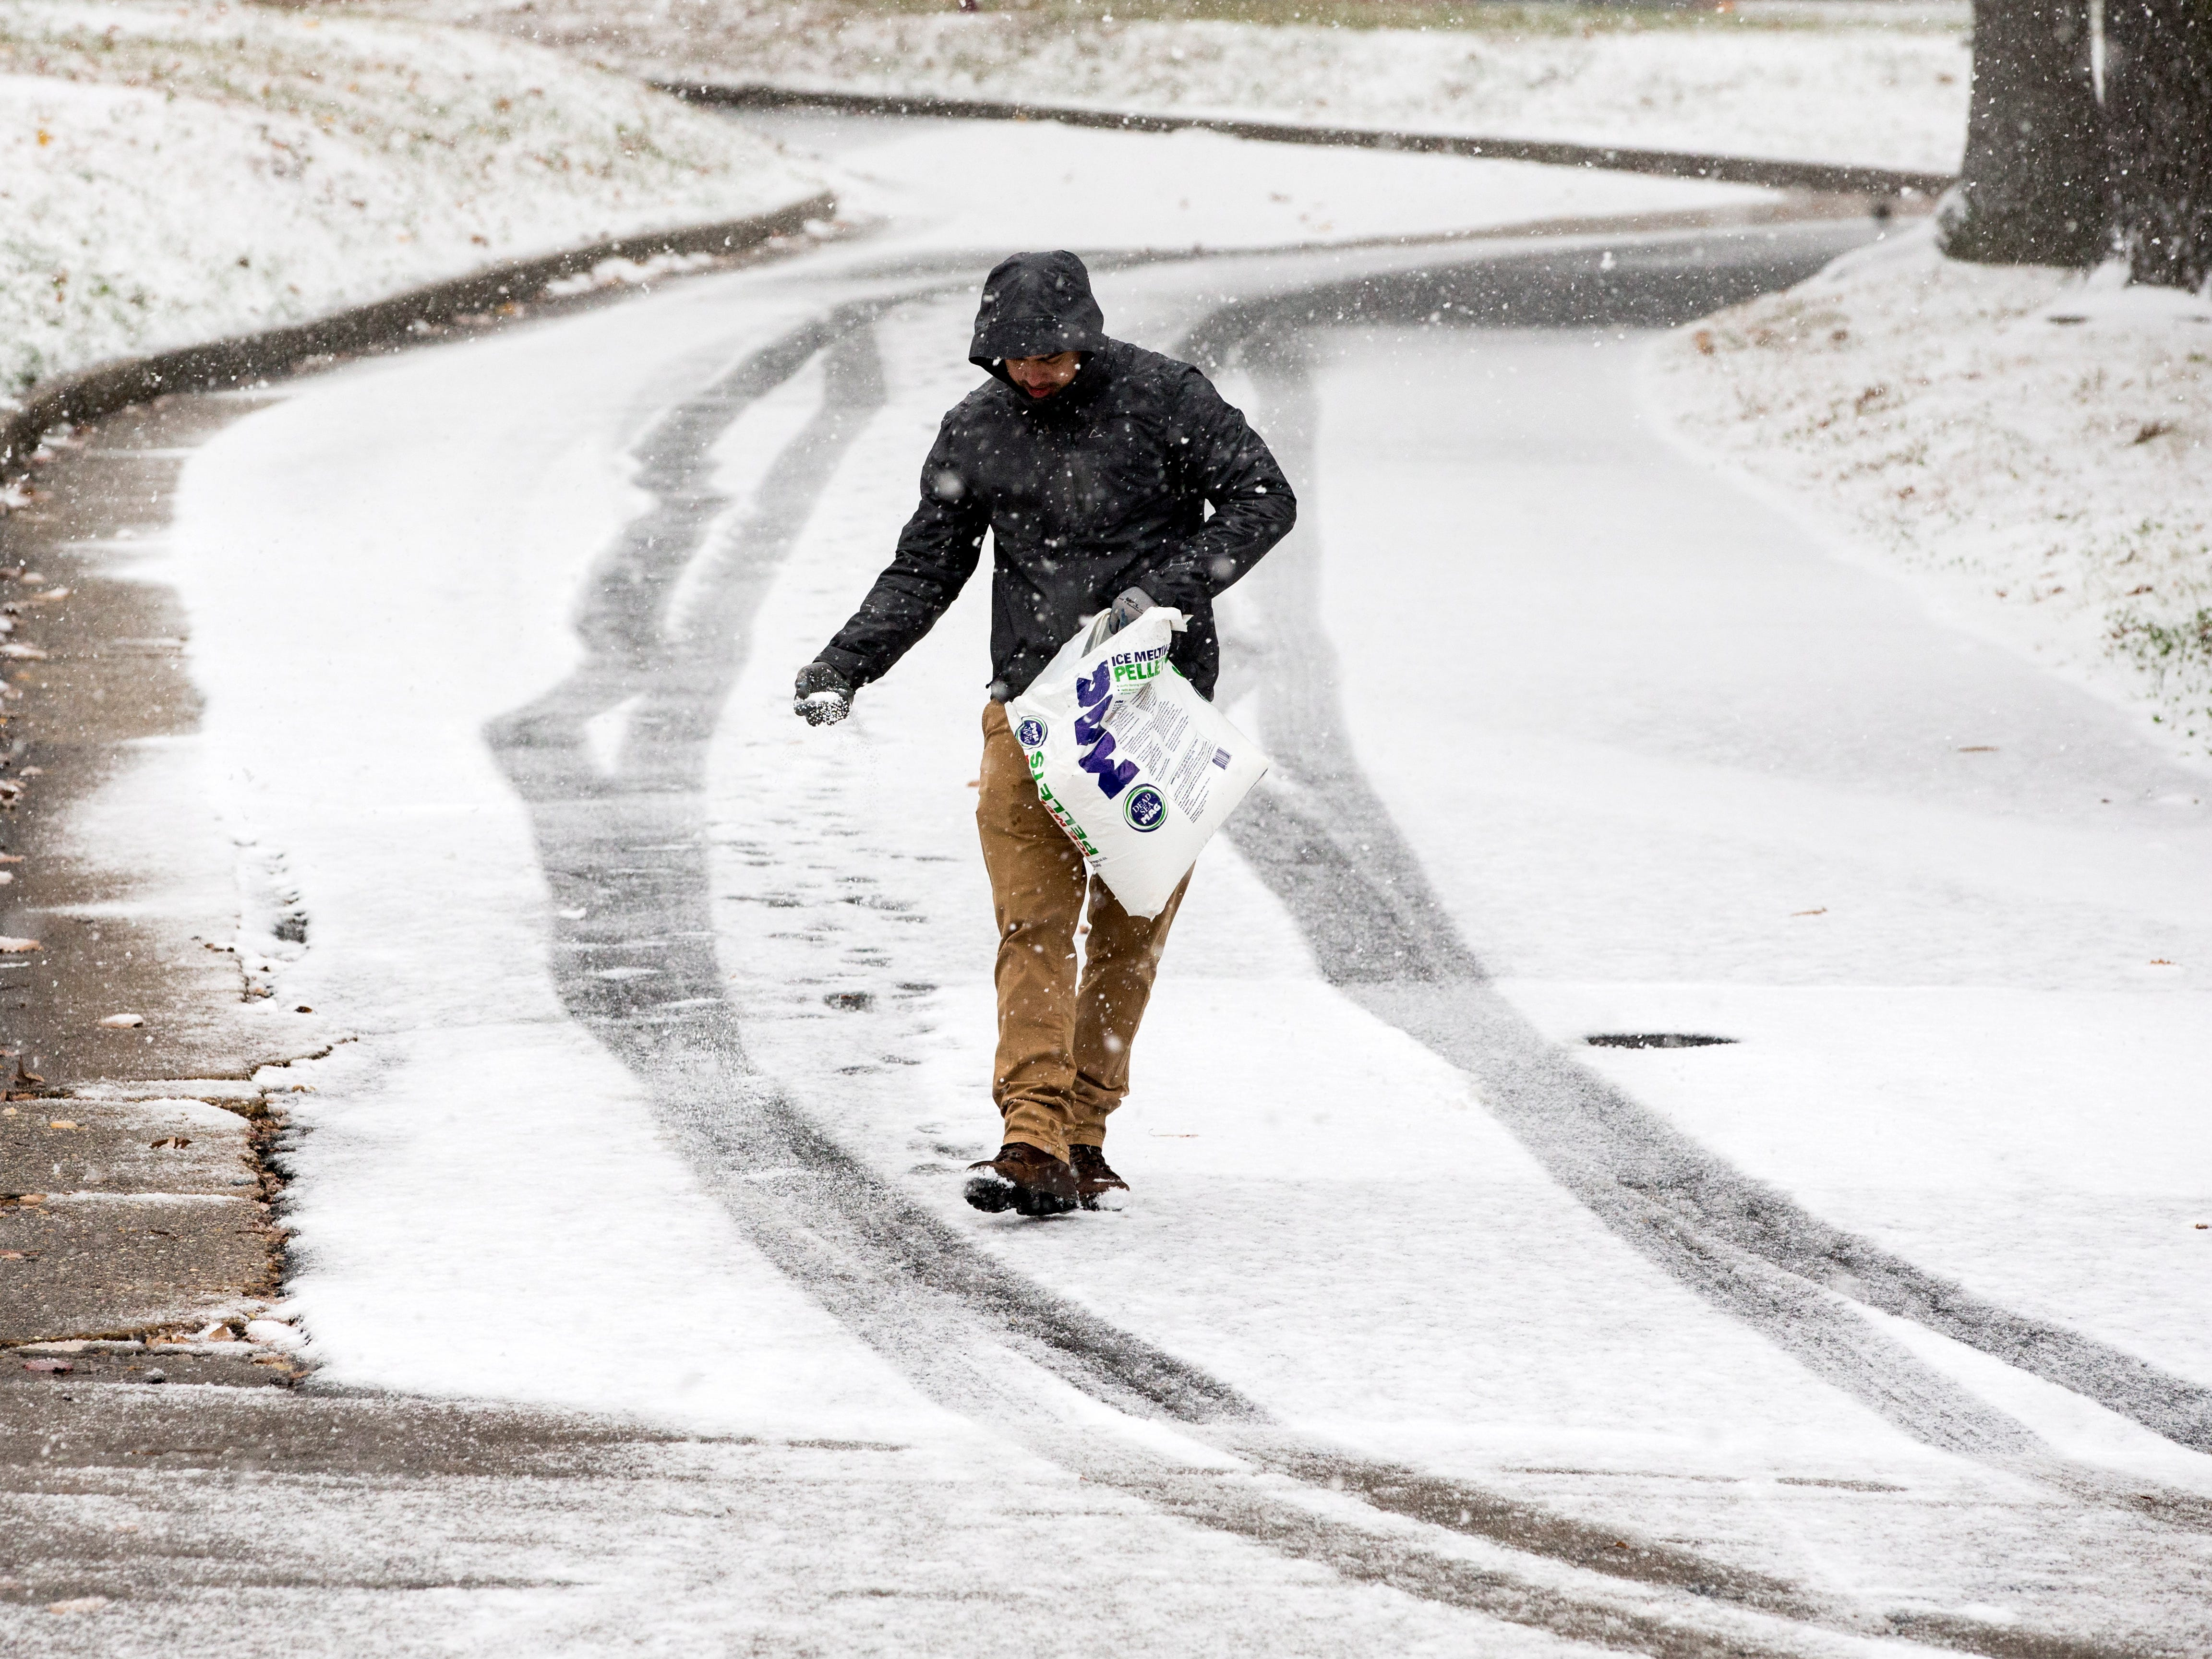 A man throws salt on a road beside Saint John Paul II Seminary, during this season's first snowfall in Washington, D.C., Nov. 15, 2018.